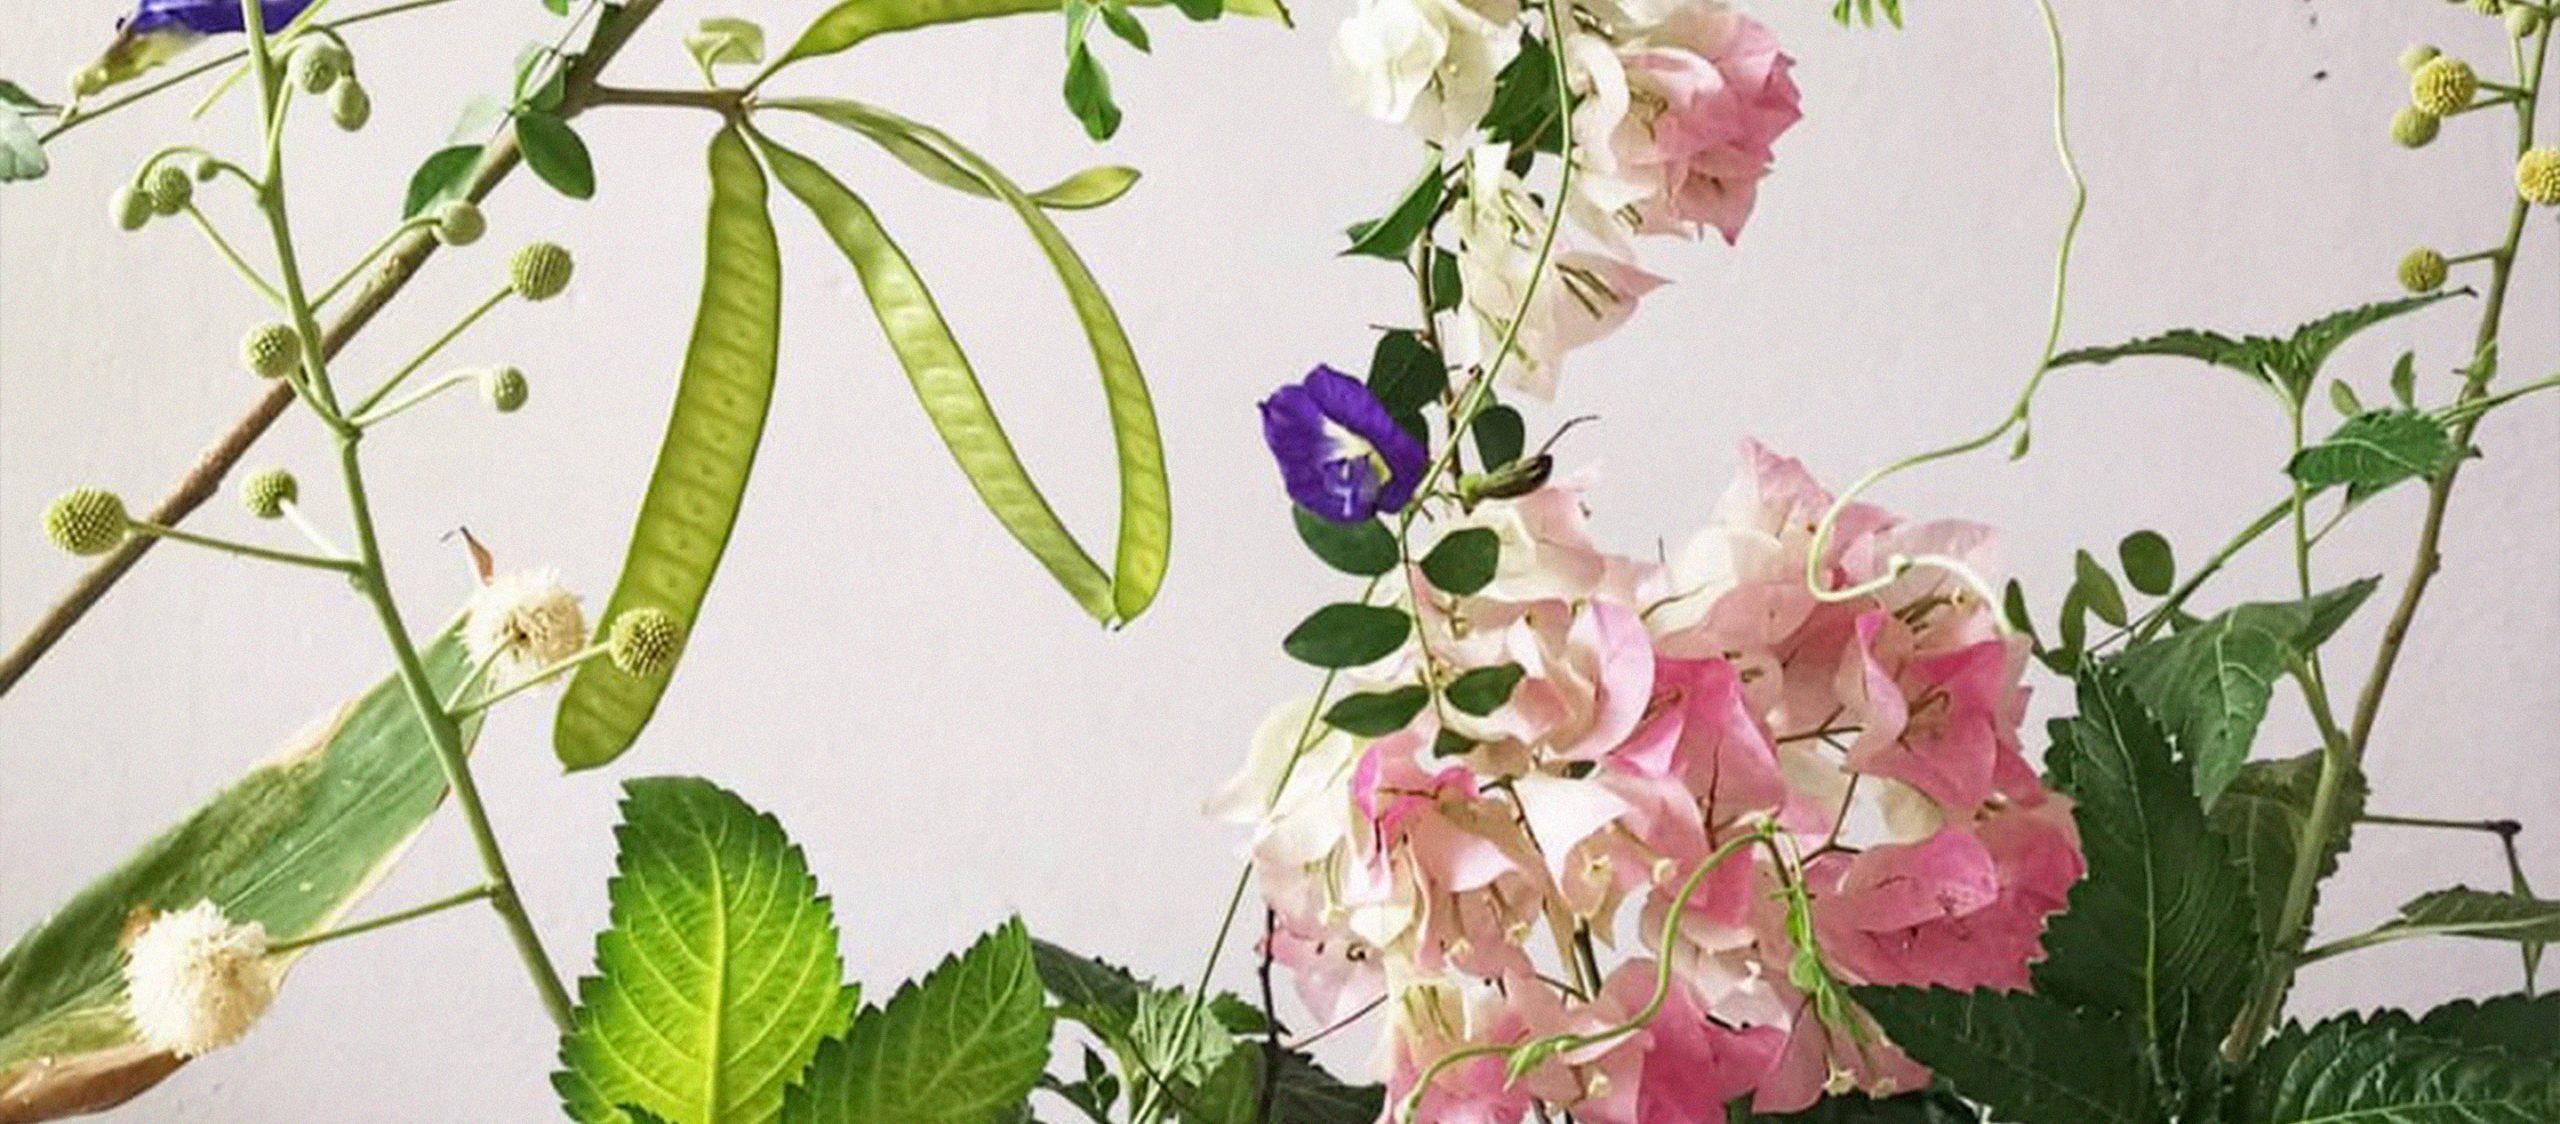 มัทนา สนิทวงศ์ ณ อยุธยา ศิลปินผู้เขียนไดอารีด้วยอิเคะบะนะ ดอกไม้ไทยๆ และดอกใดๆ